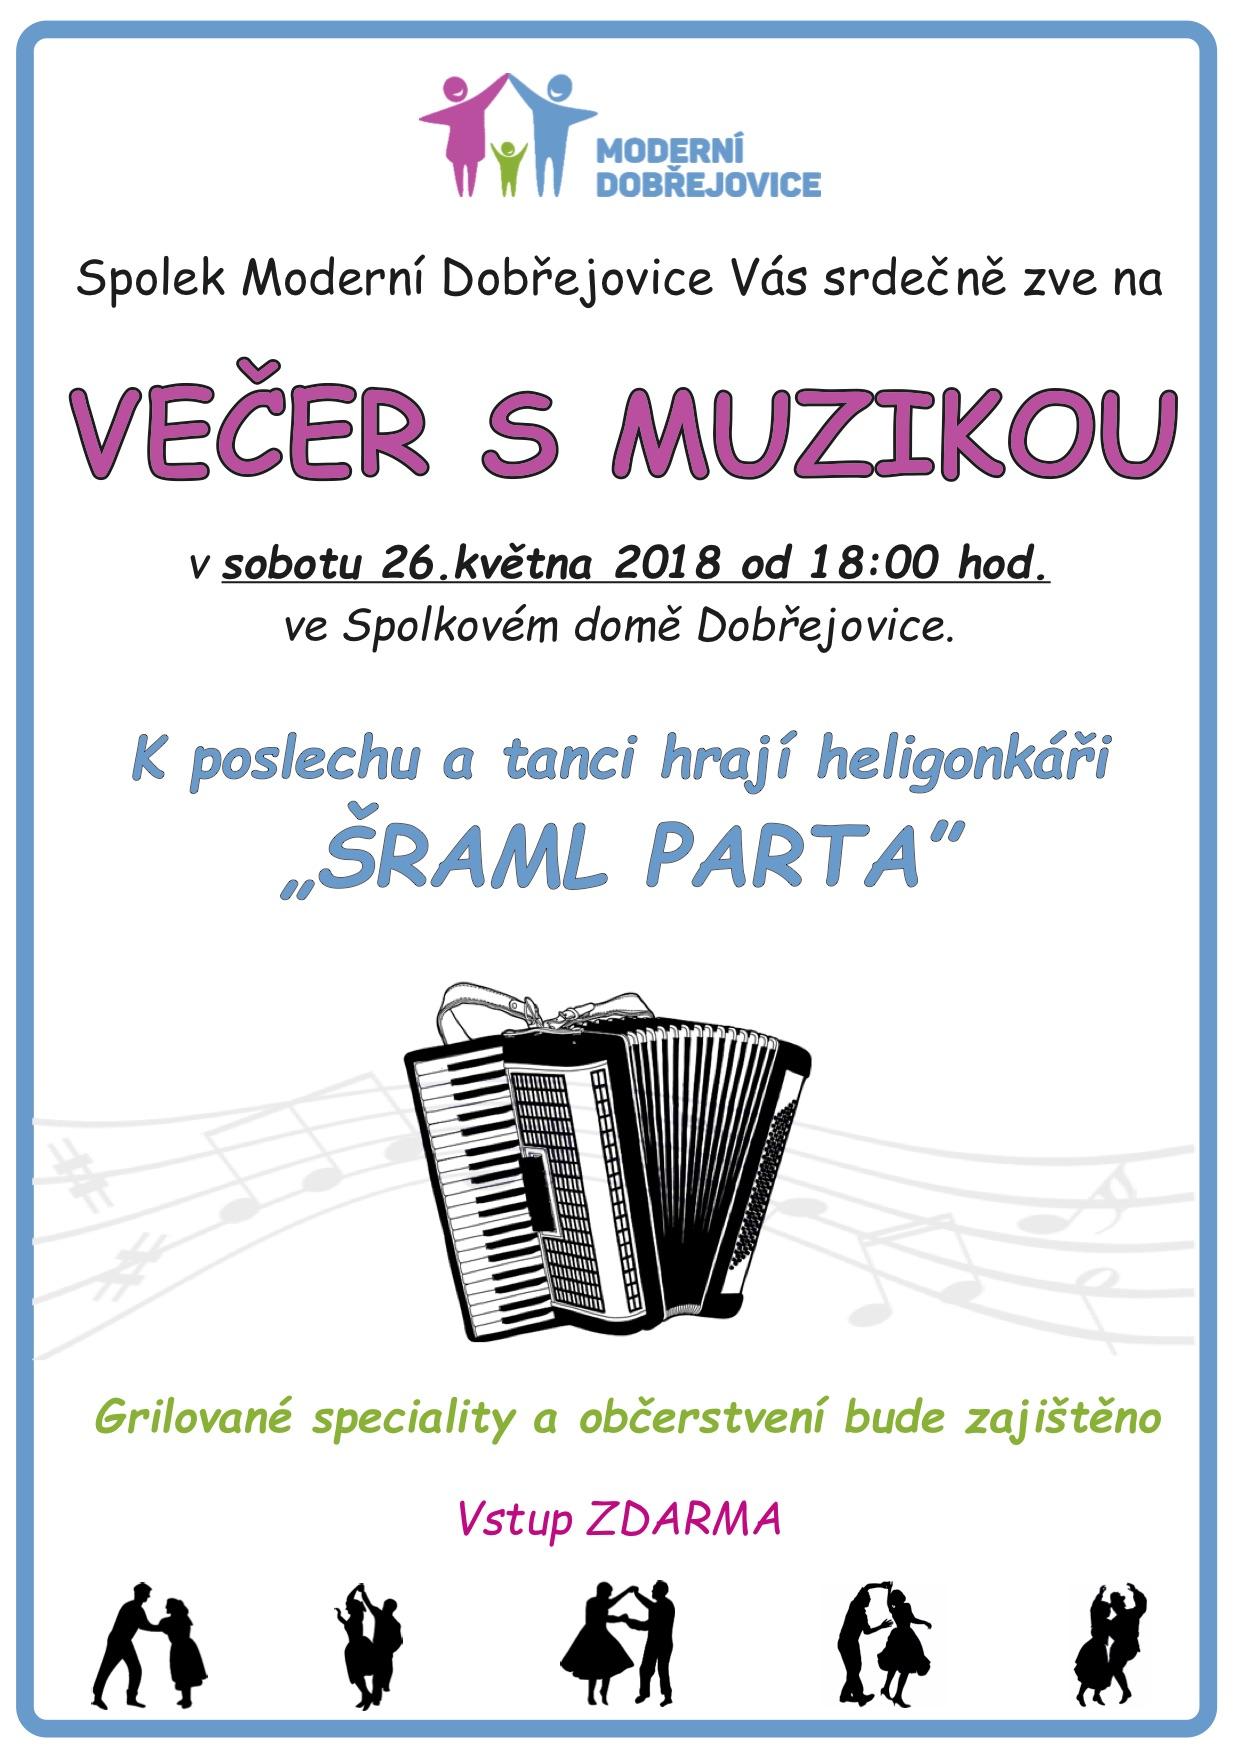 Večer s muzikou 2 pro A4 Plakát